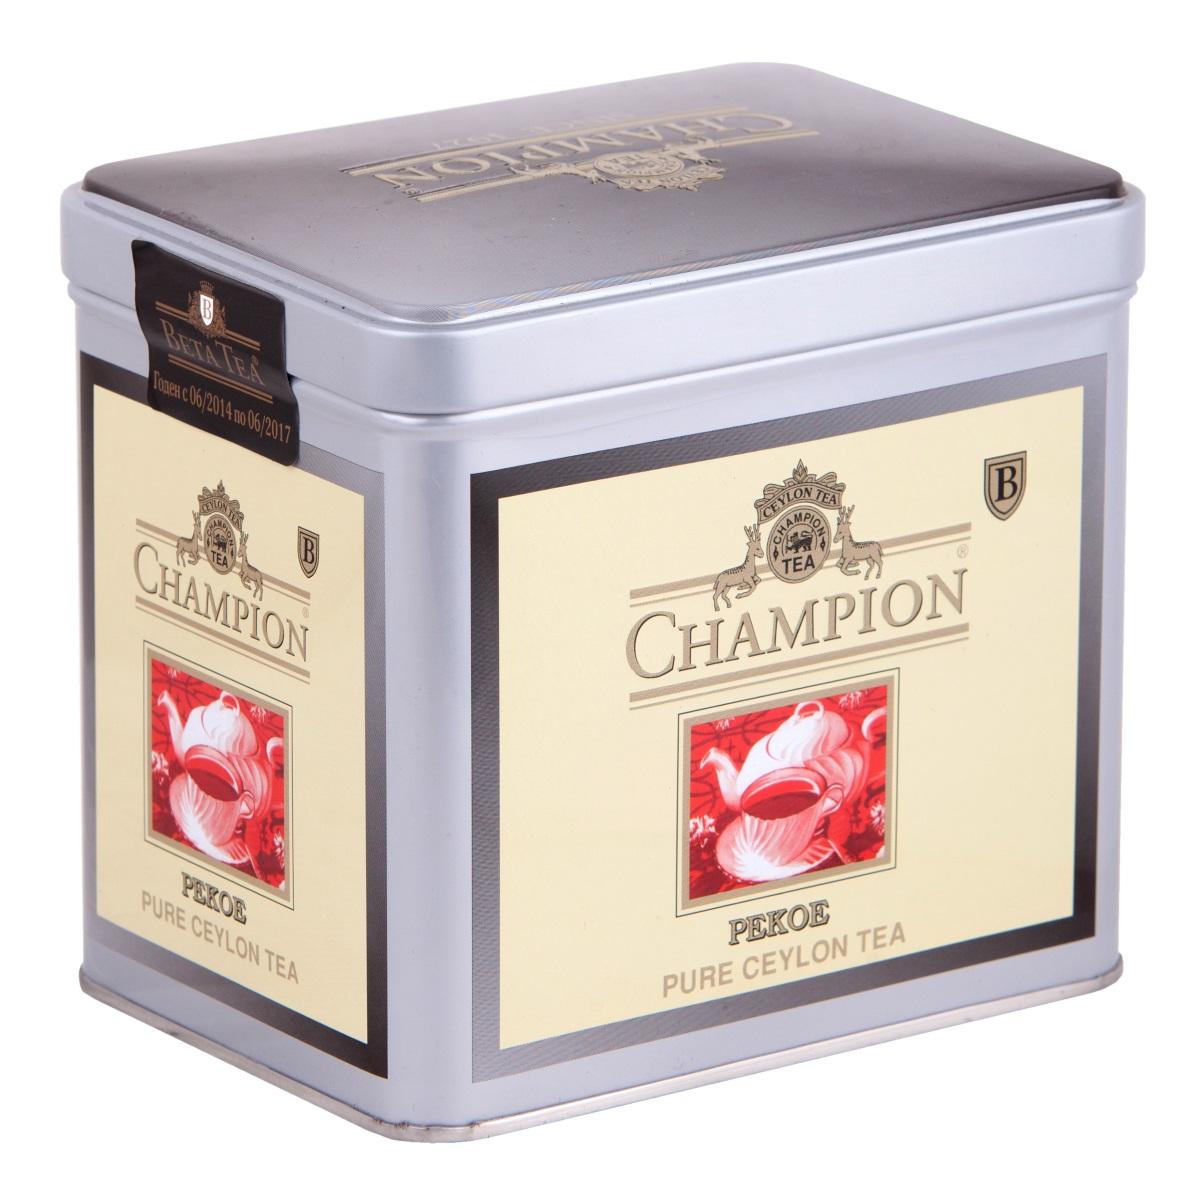 Champion Пеко черный листовой чай, 250 г (металлическая банка)0120710Чай Champion Пеко с богатым вкусом, прозрачным и золотистым цветом дает возможность любителям чая оценить настоящий вкус напитка. Чай этого сорта выращивается на плантациях Шри-Ланки. При его создании используется особая технология скручивания чайных листочков. Сочный насыщенный цвет, богатый аромат и терпкость - его отличительные характеристики.